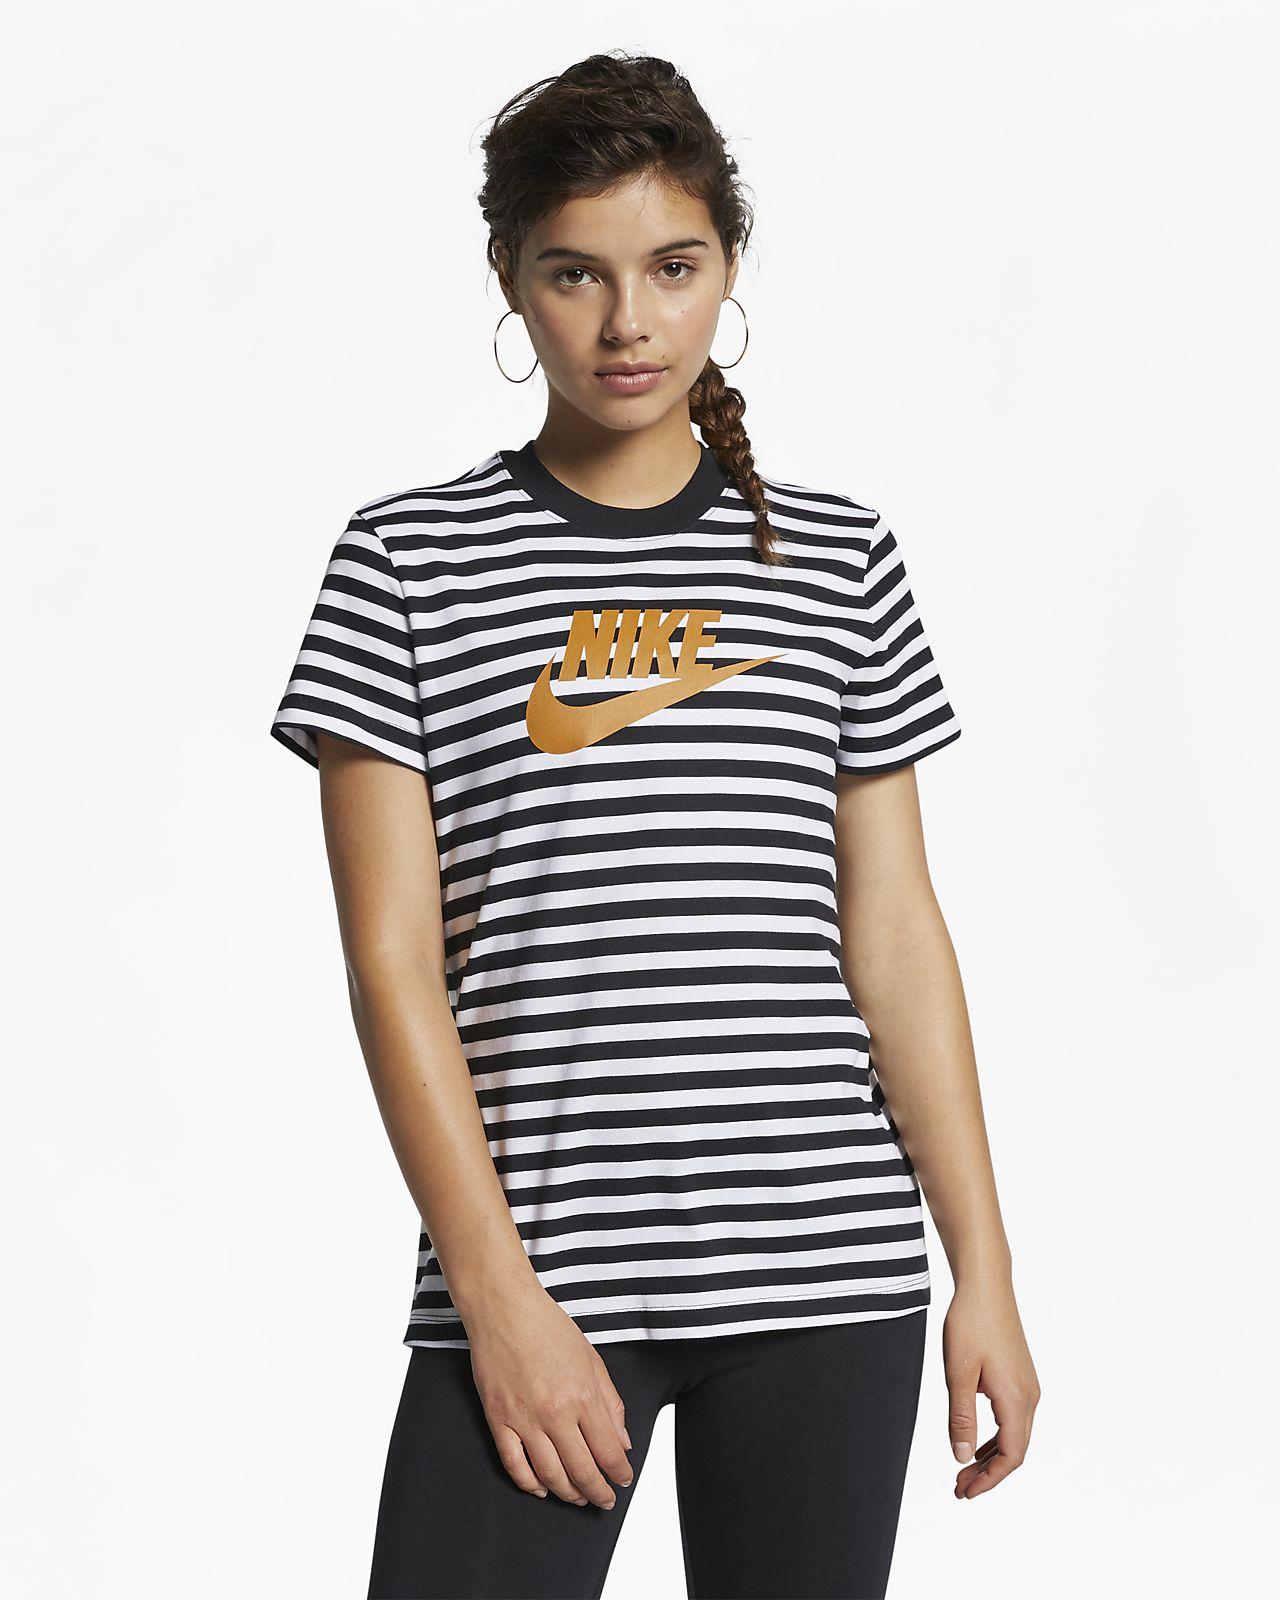 T-shirt Nike Sportswear - Donna